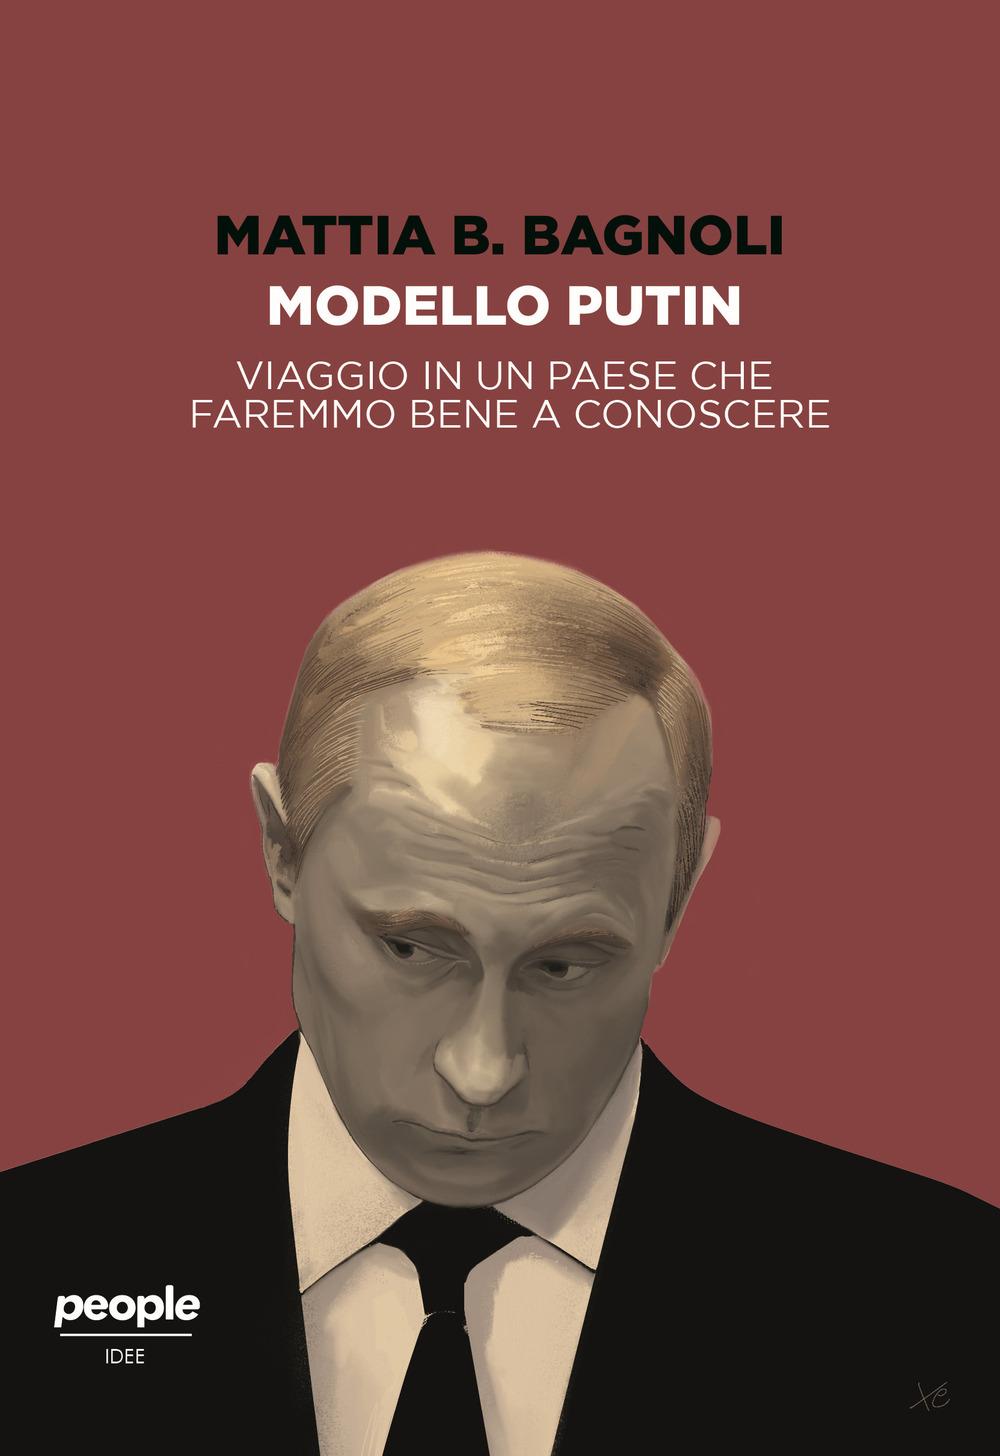 Modello Putin. Viaggio in un Paese che faremmo bene a conoscere